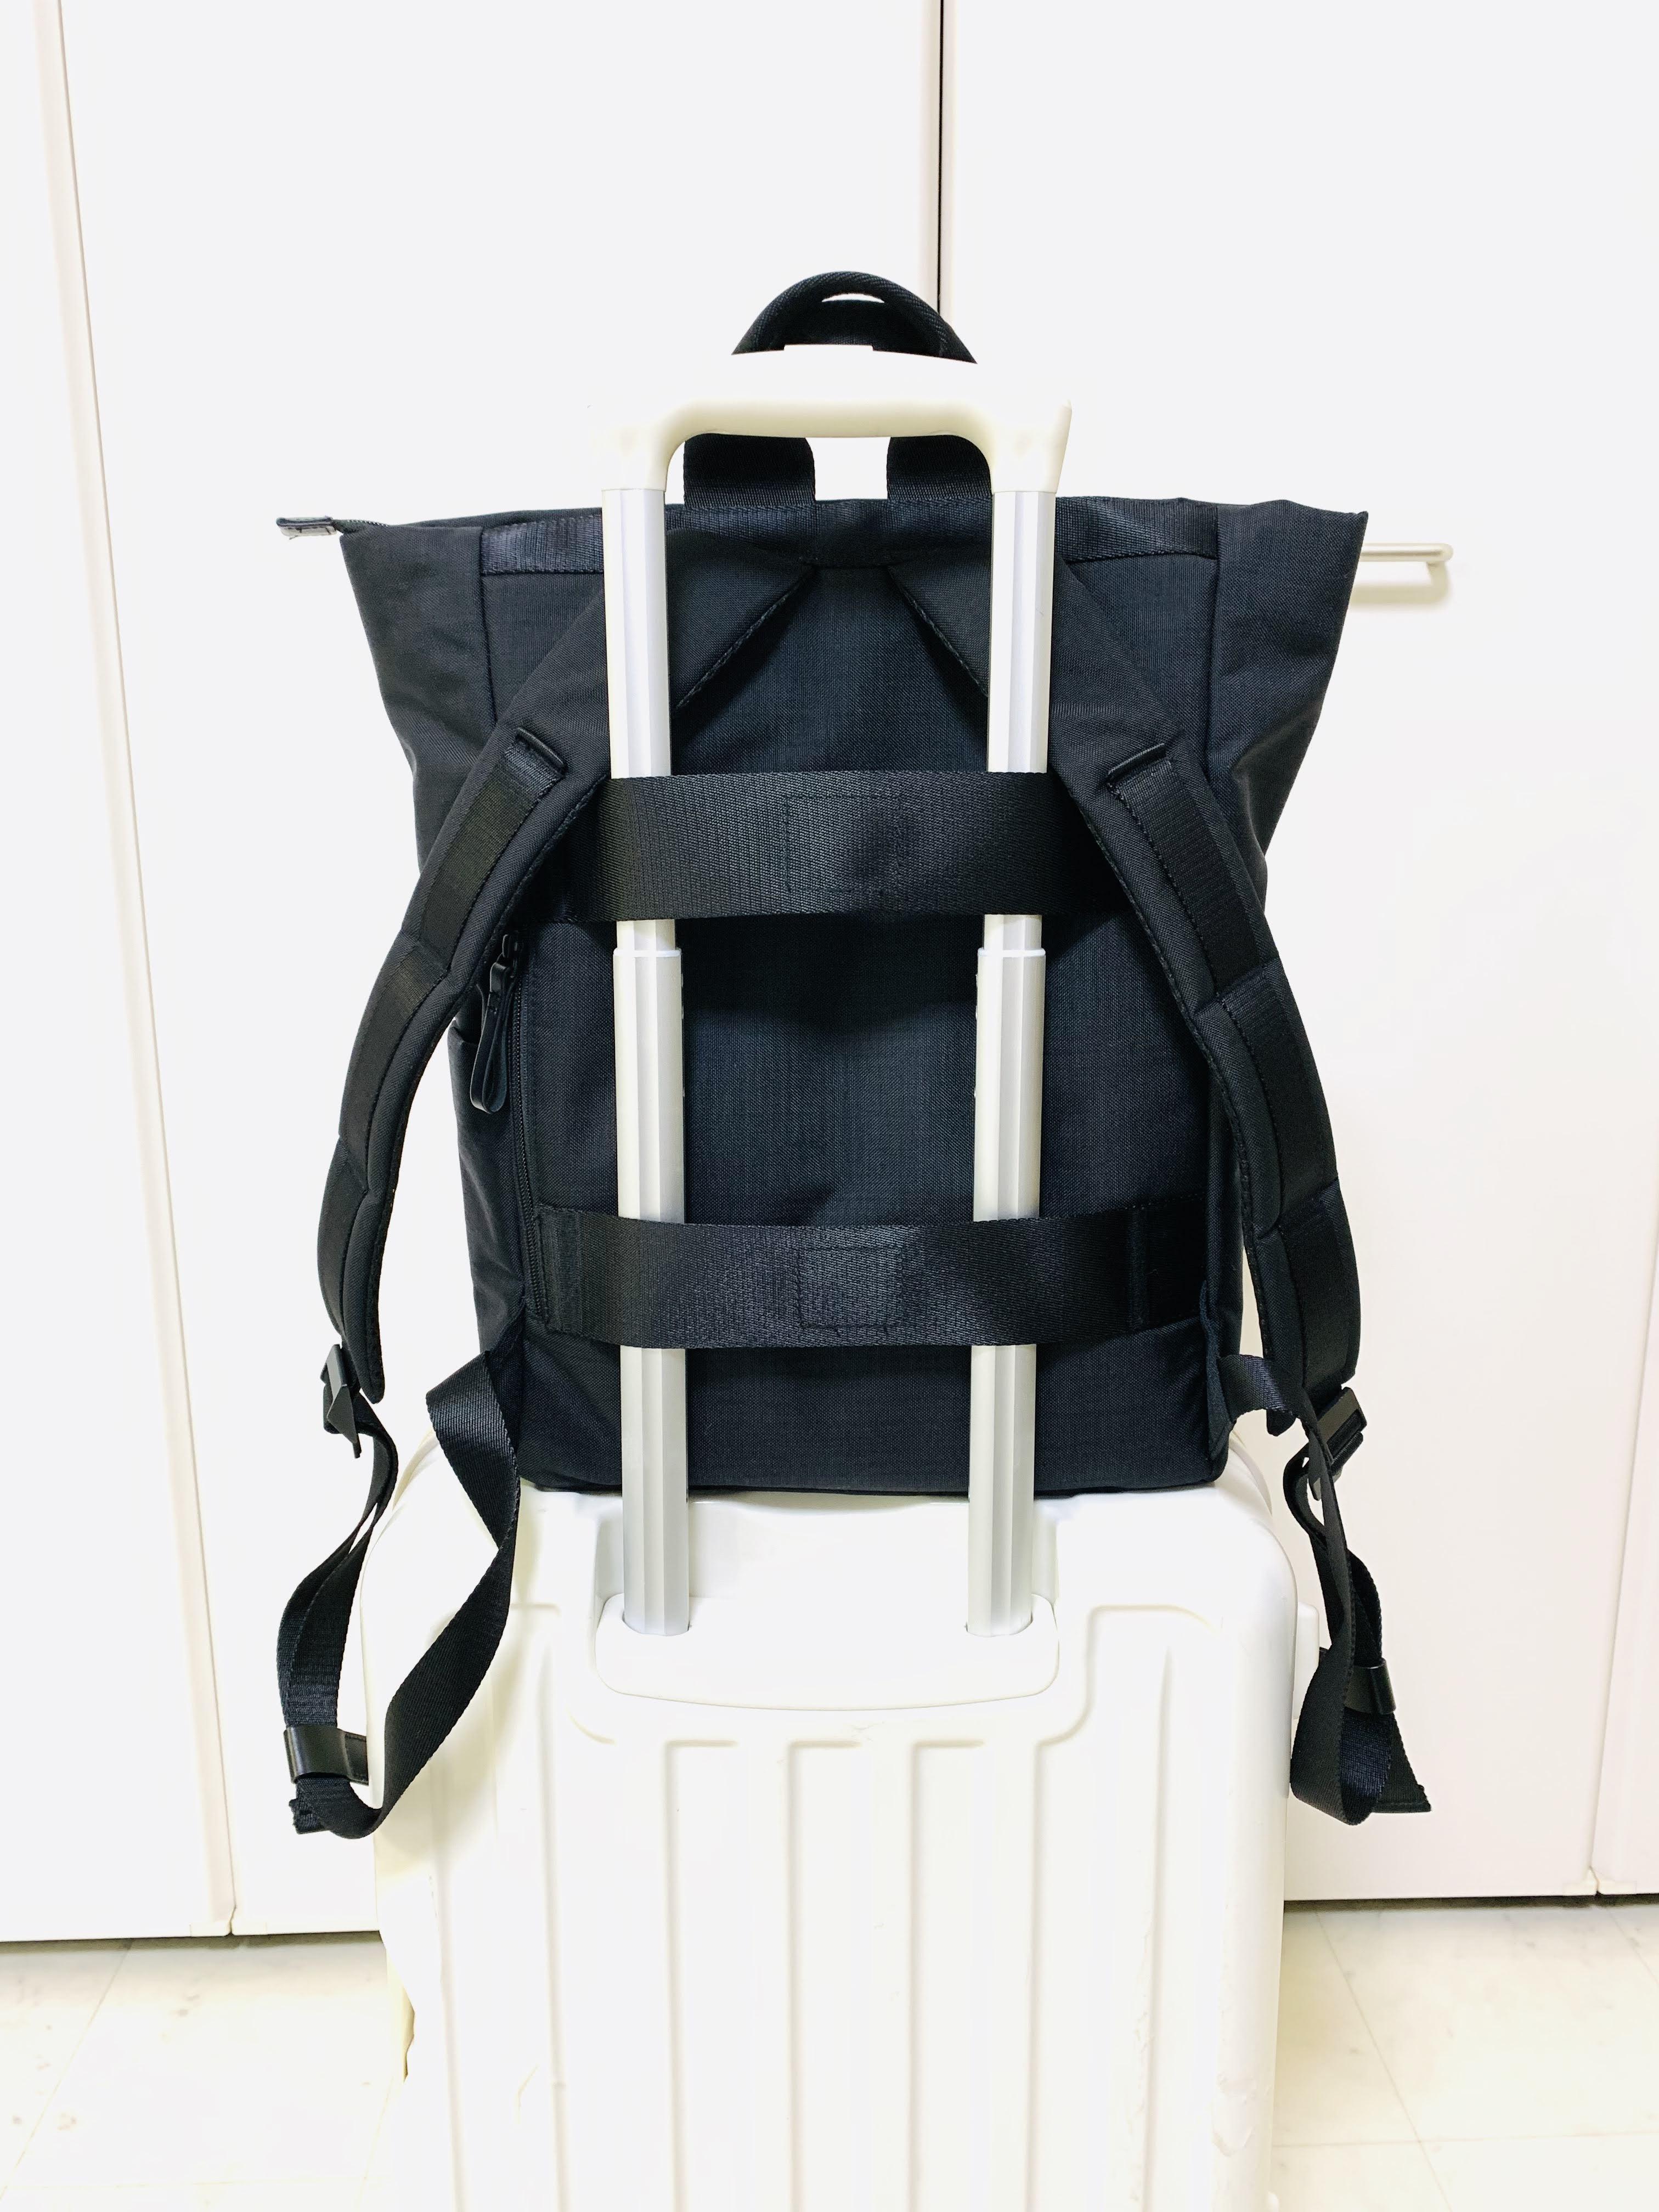 ミレストのバックパックMはスーツケースに取り付けできる